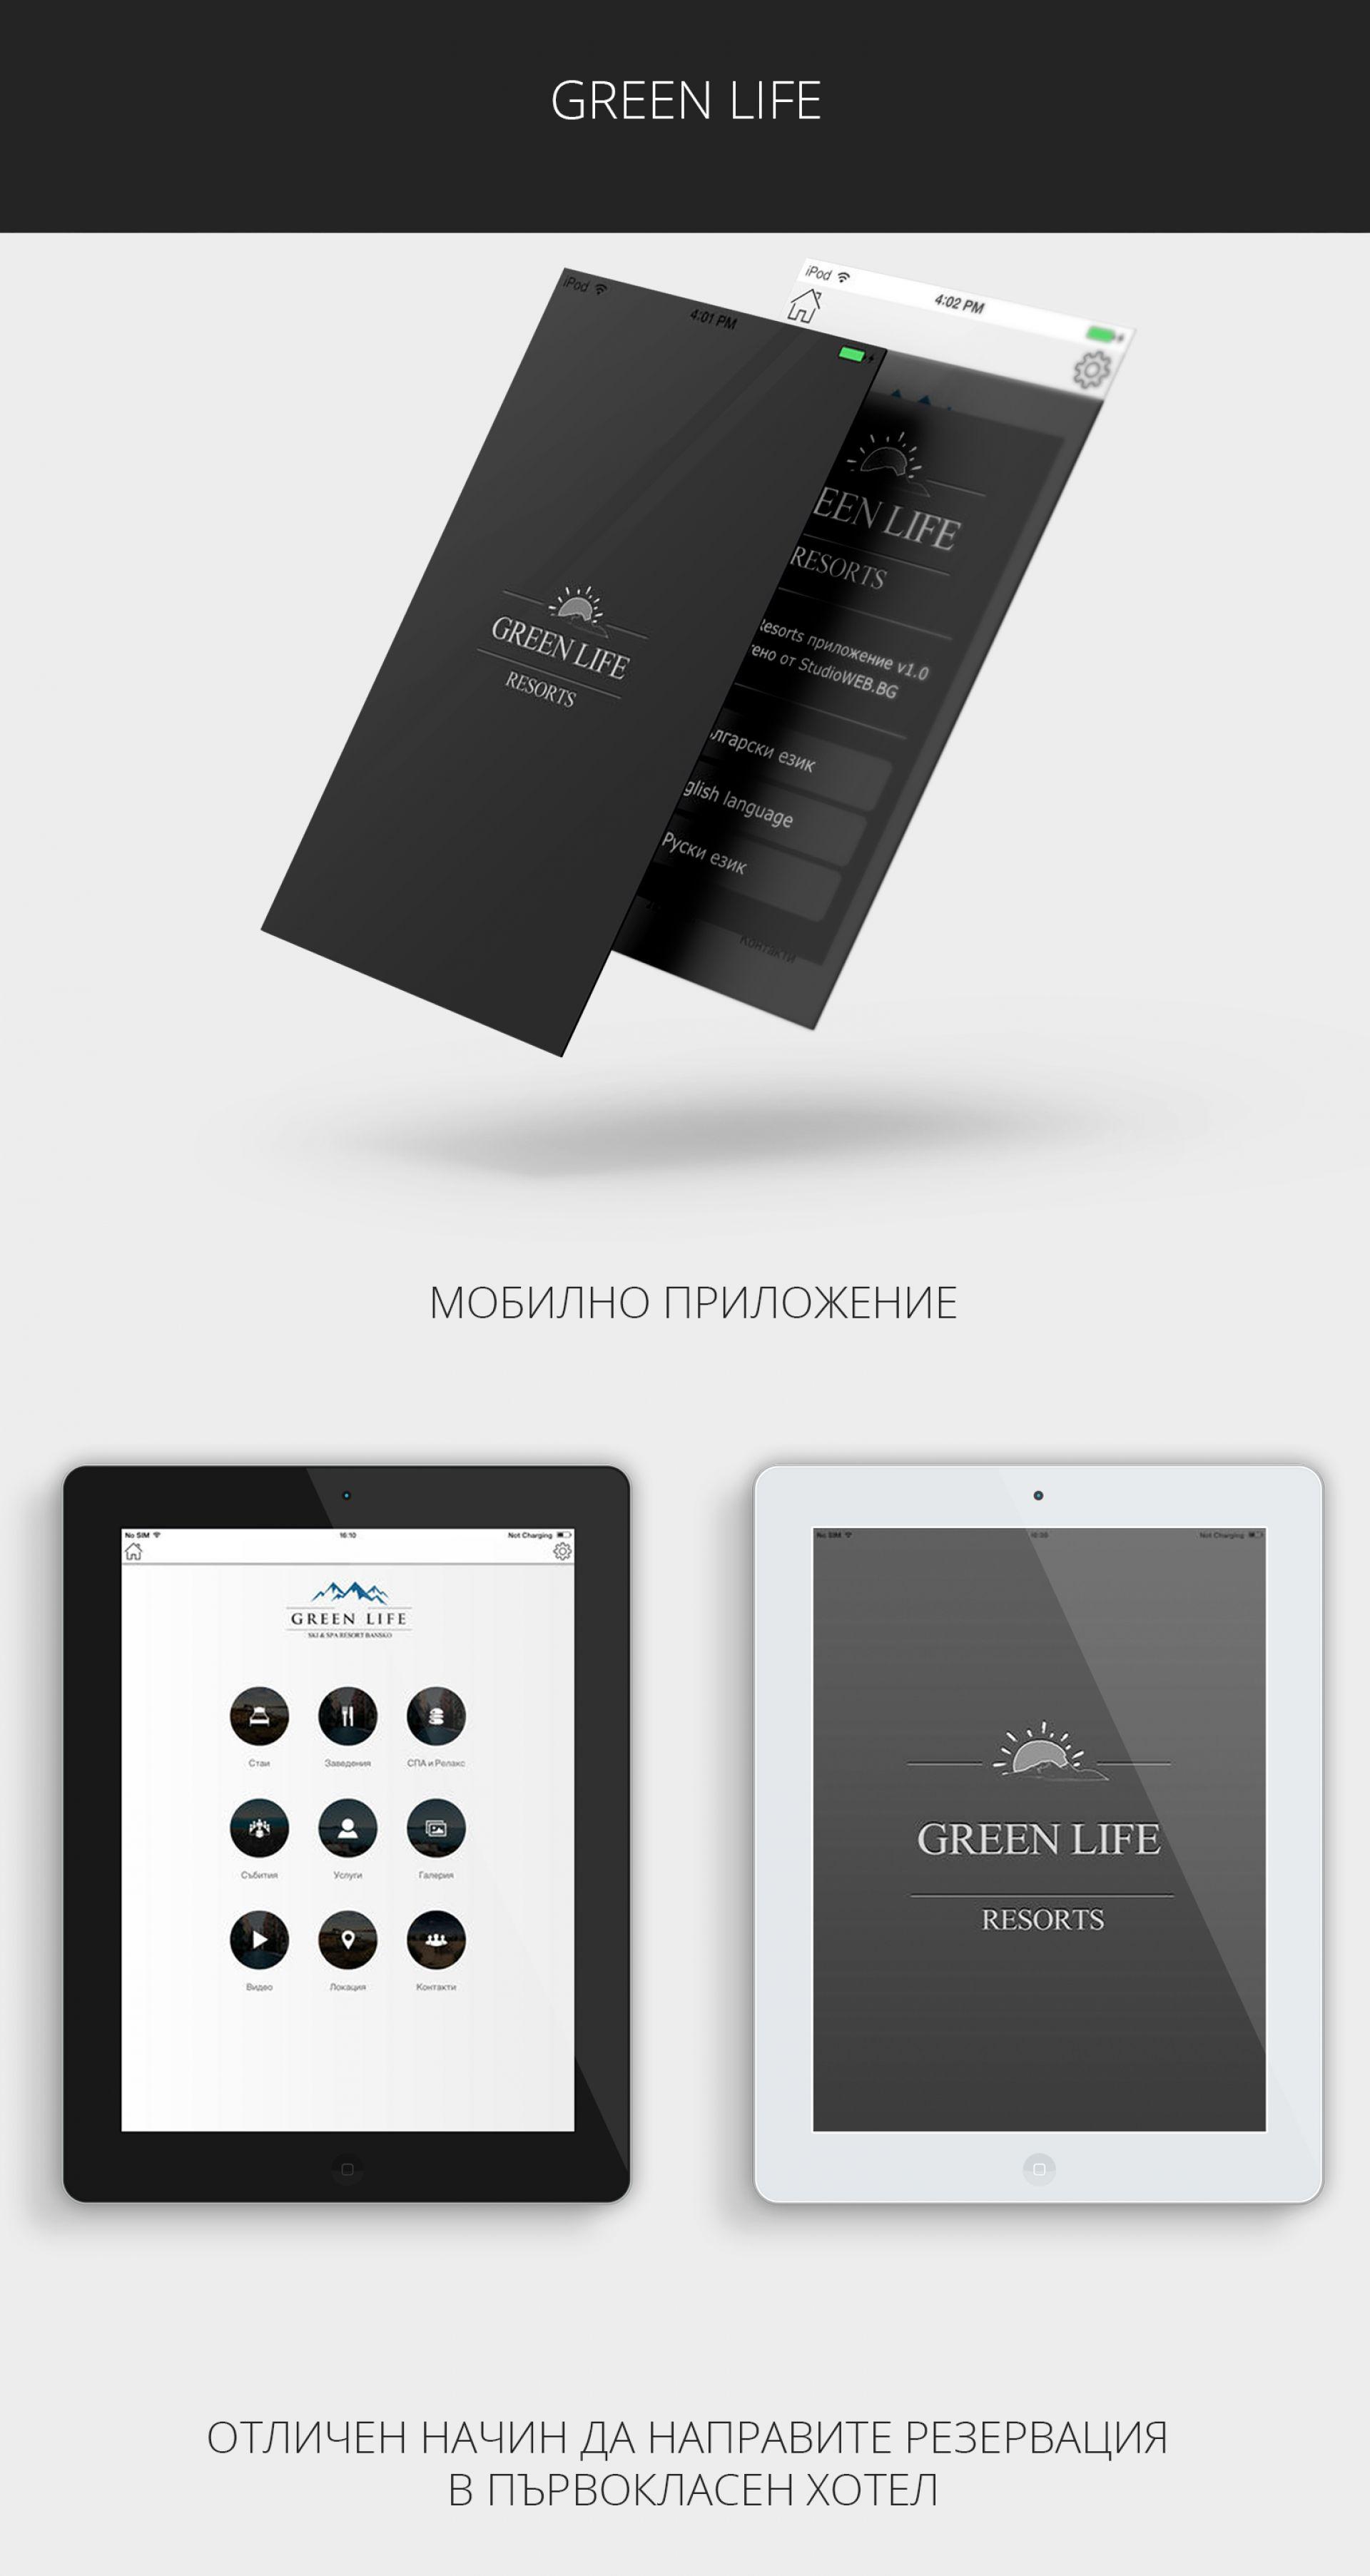 Мобилно приложение Green Life